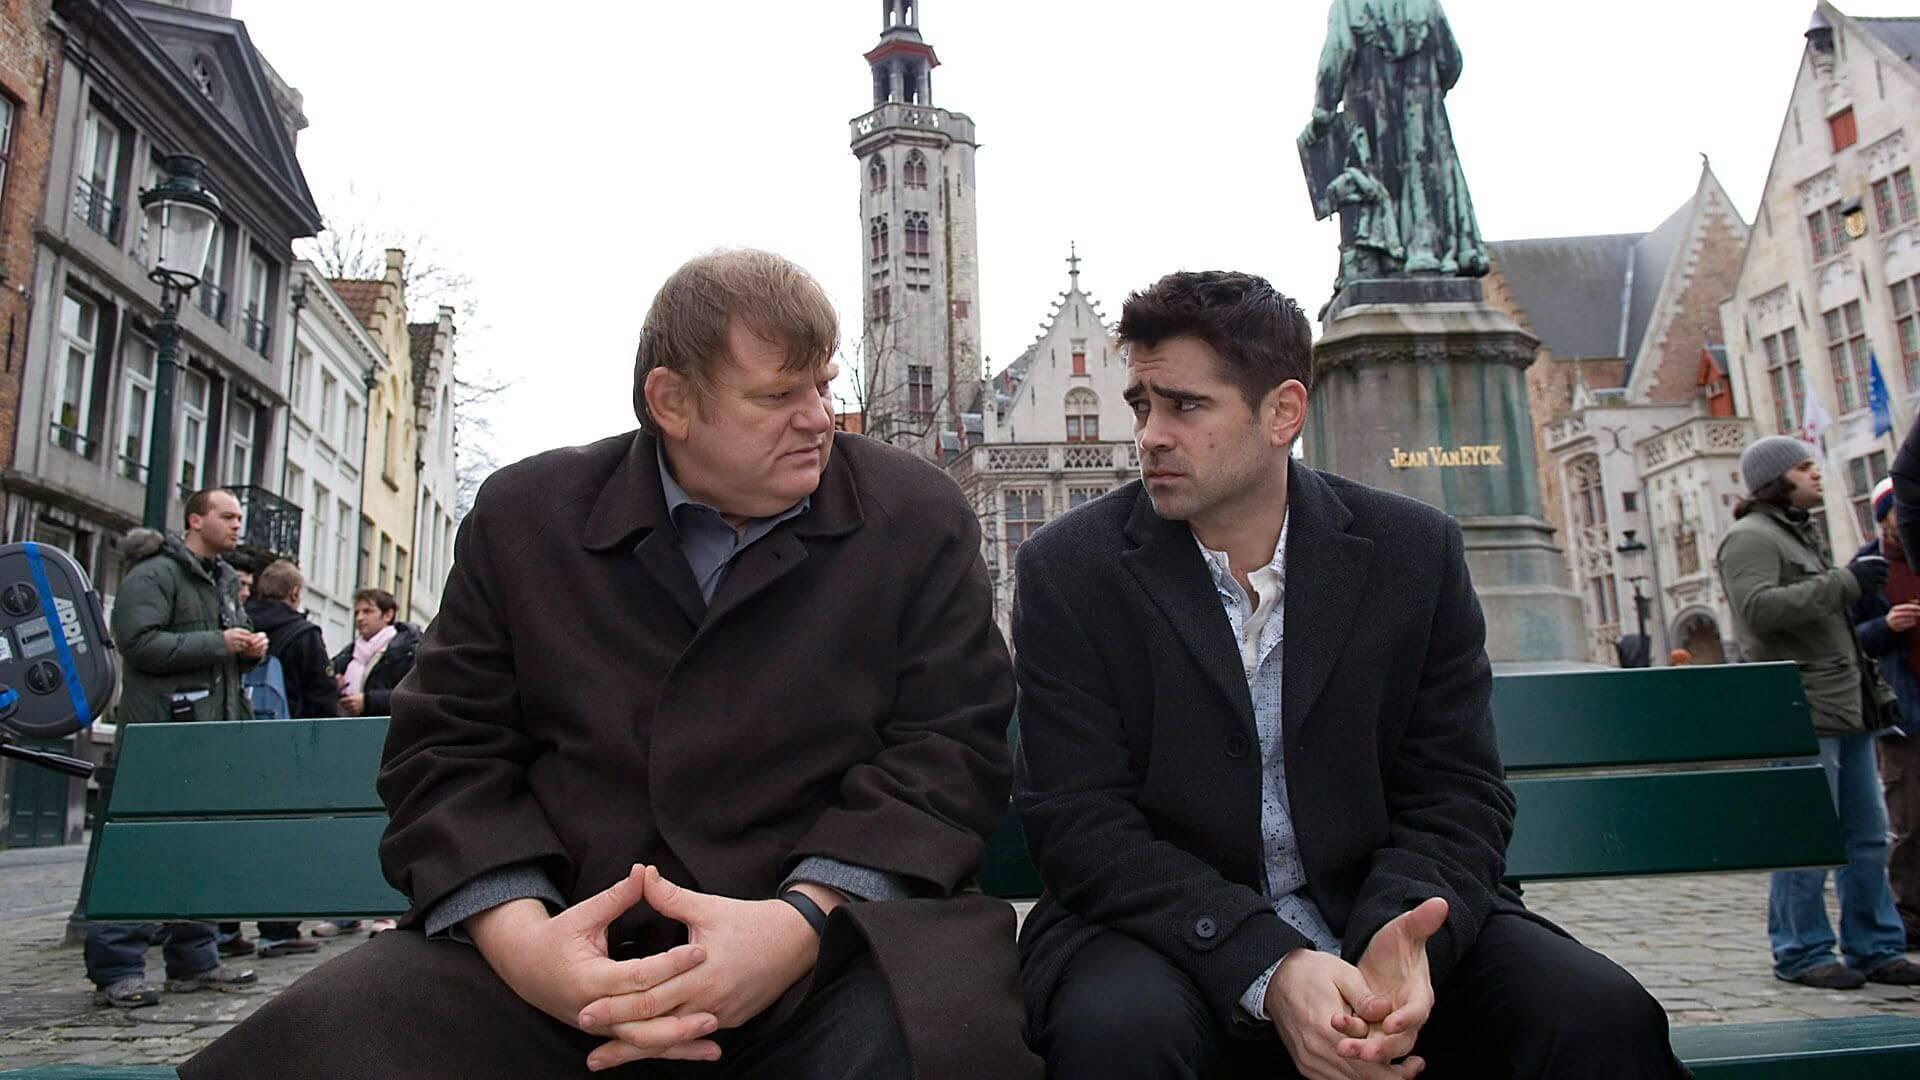 In Bruges 2008 Christmas Movie